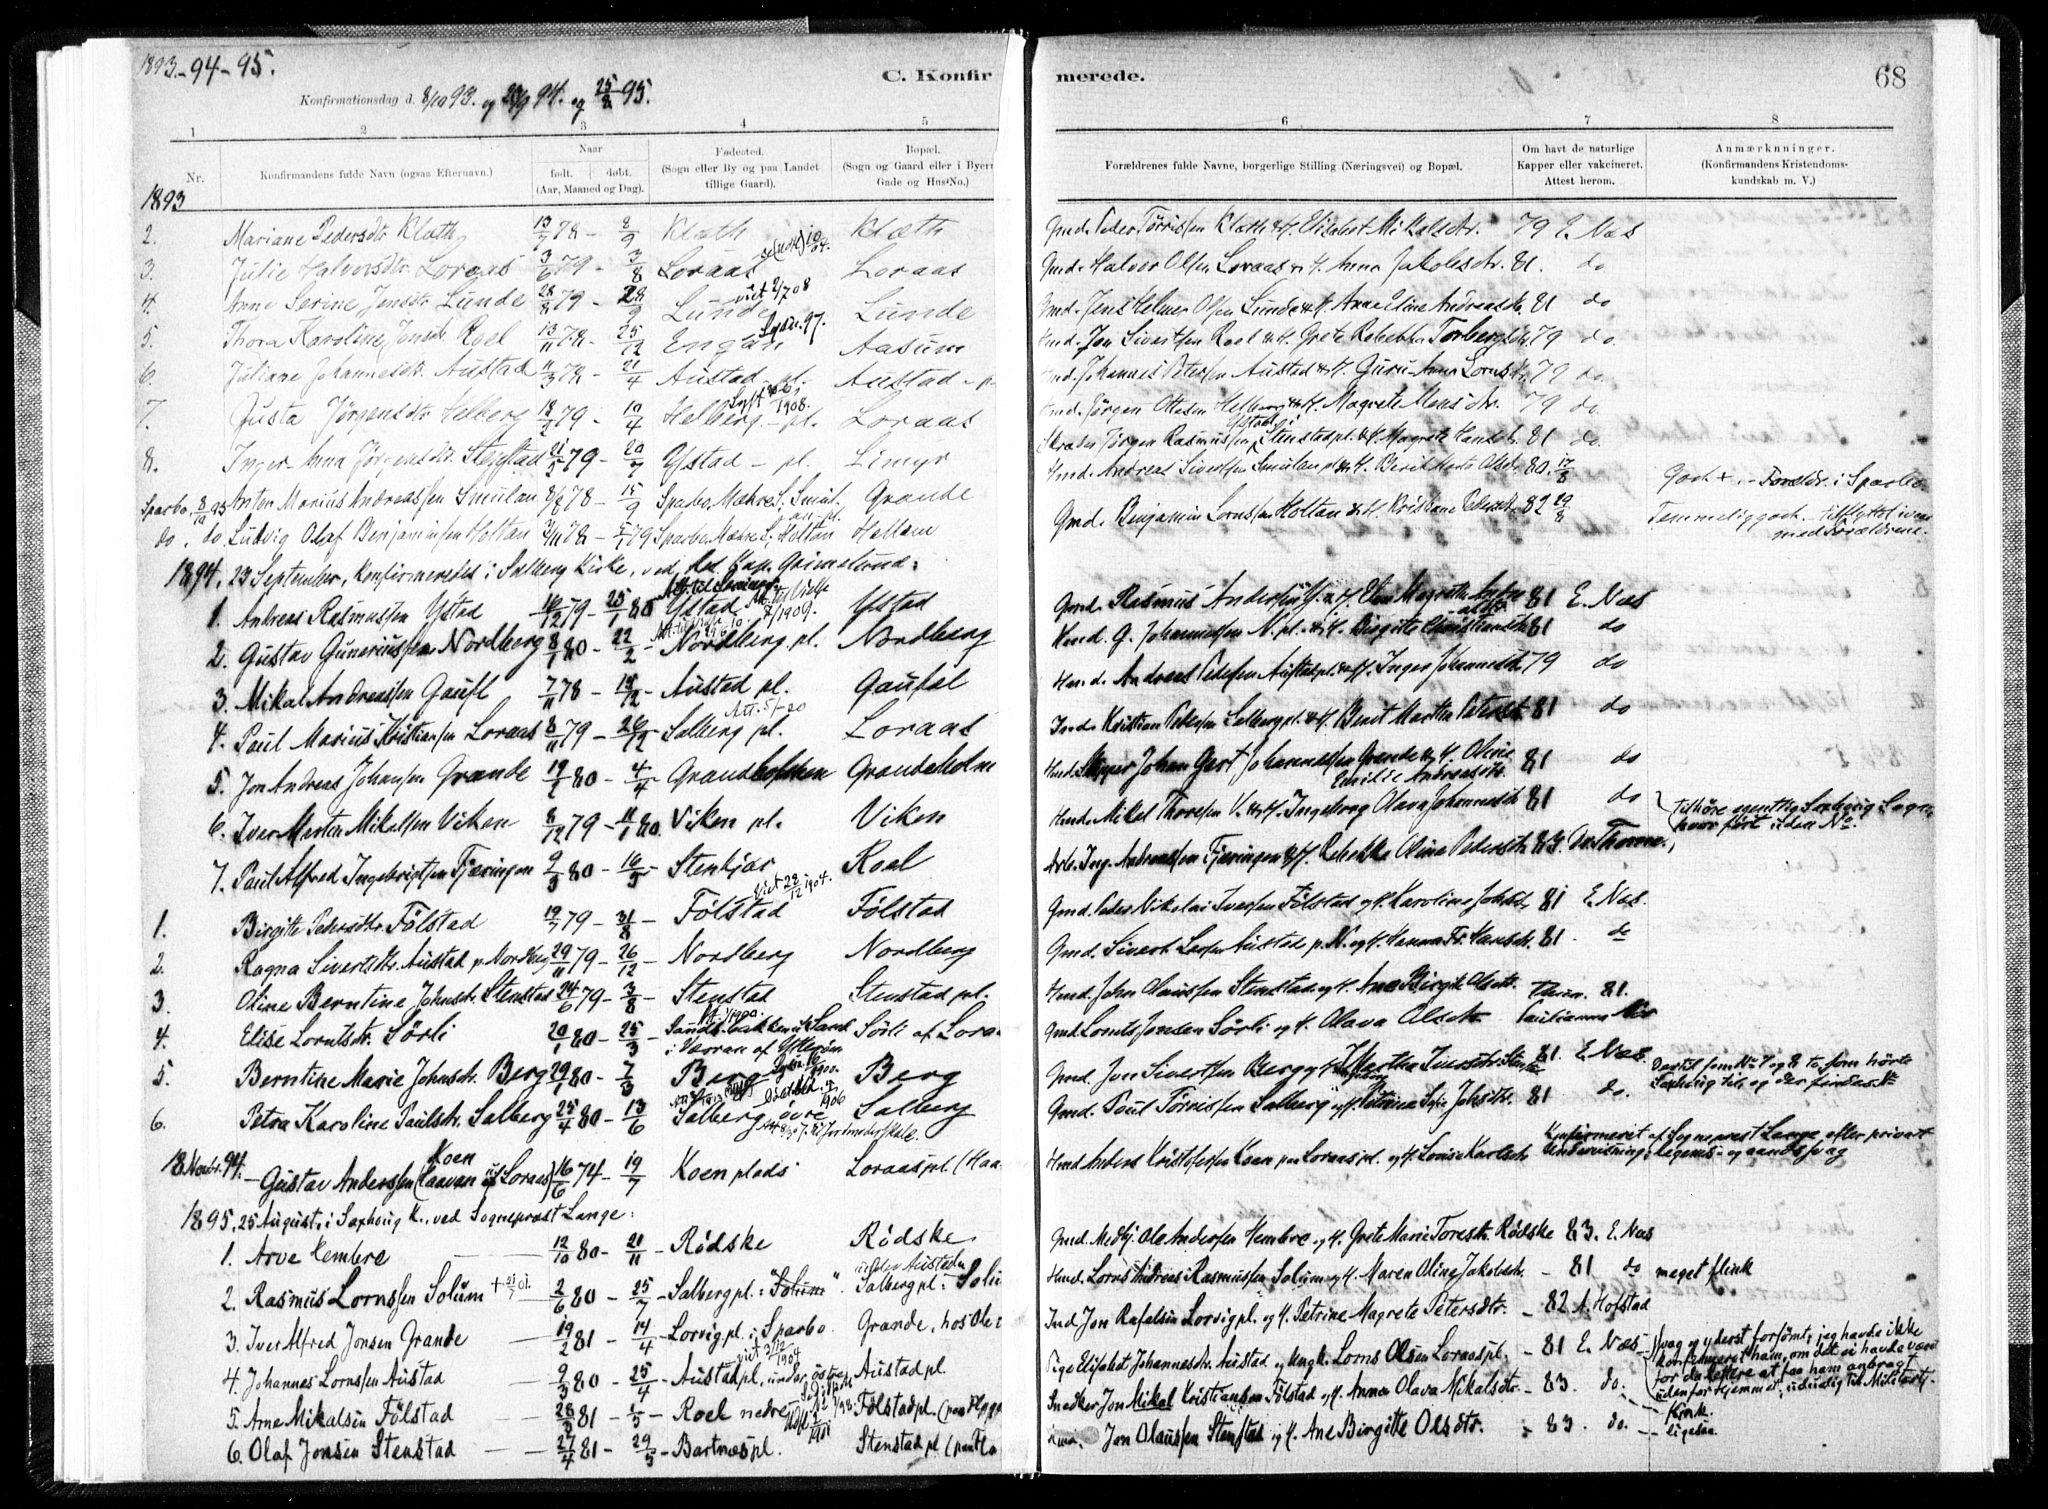 SAT, Ministerialprotokoller, klokkerbøker og fødselsregistre - Nord-Trøndelag, 731/L0309: Ministerialbok nr. 731A01, 1879-1918, s. 68